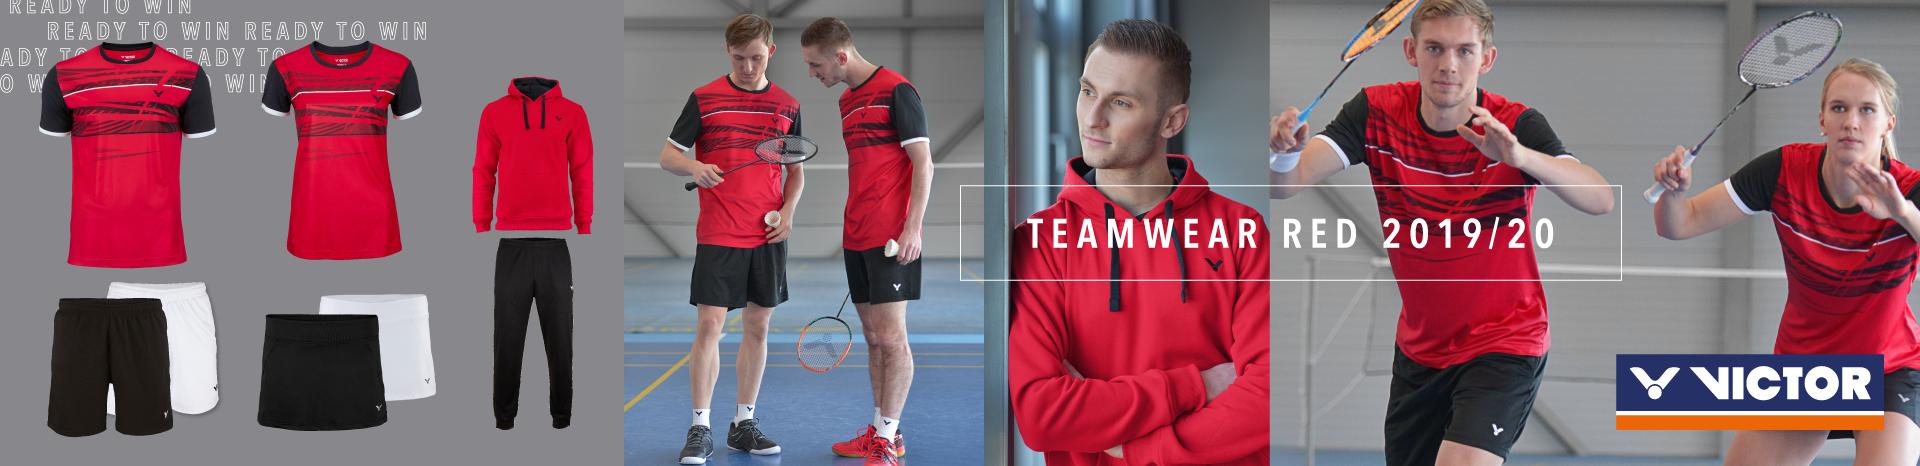 victor teamwear red